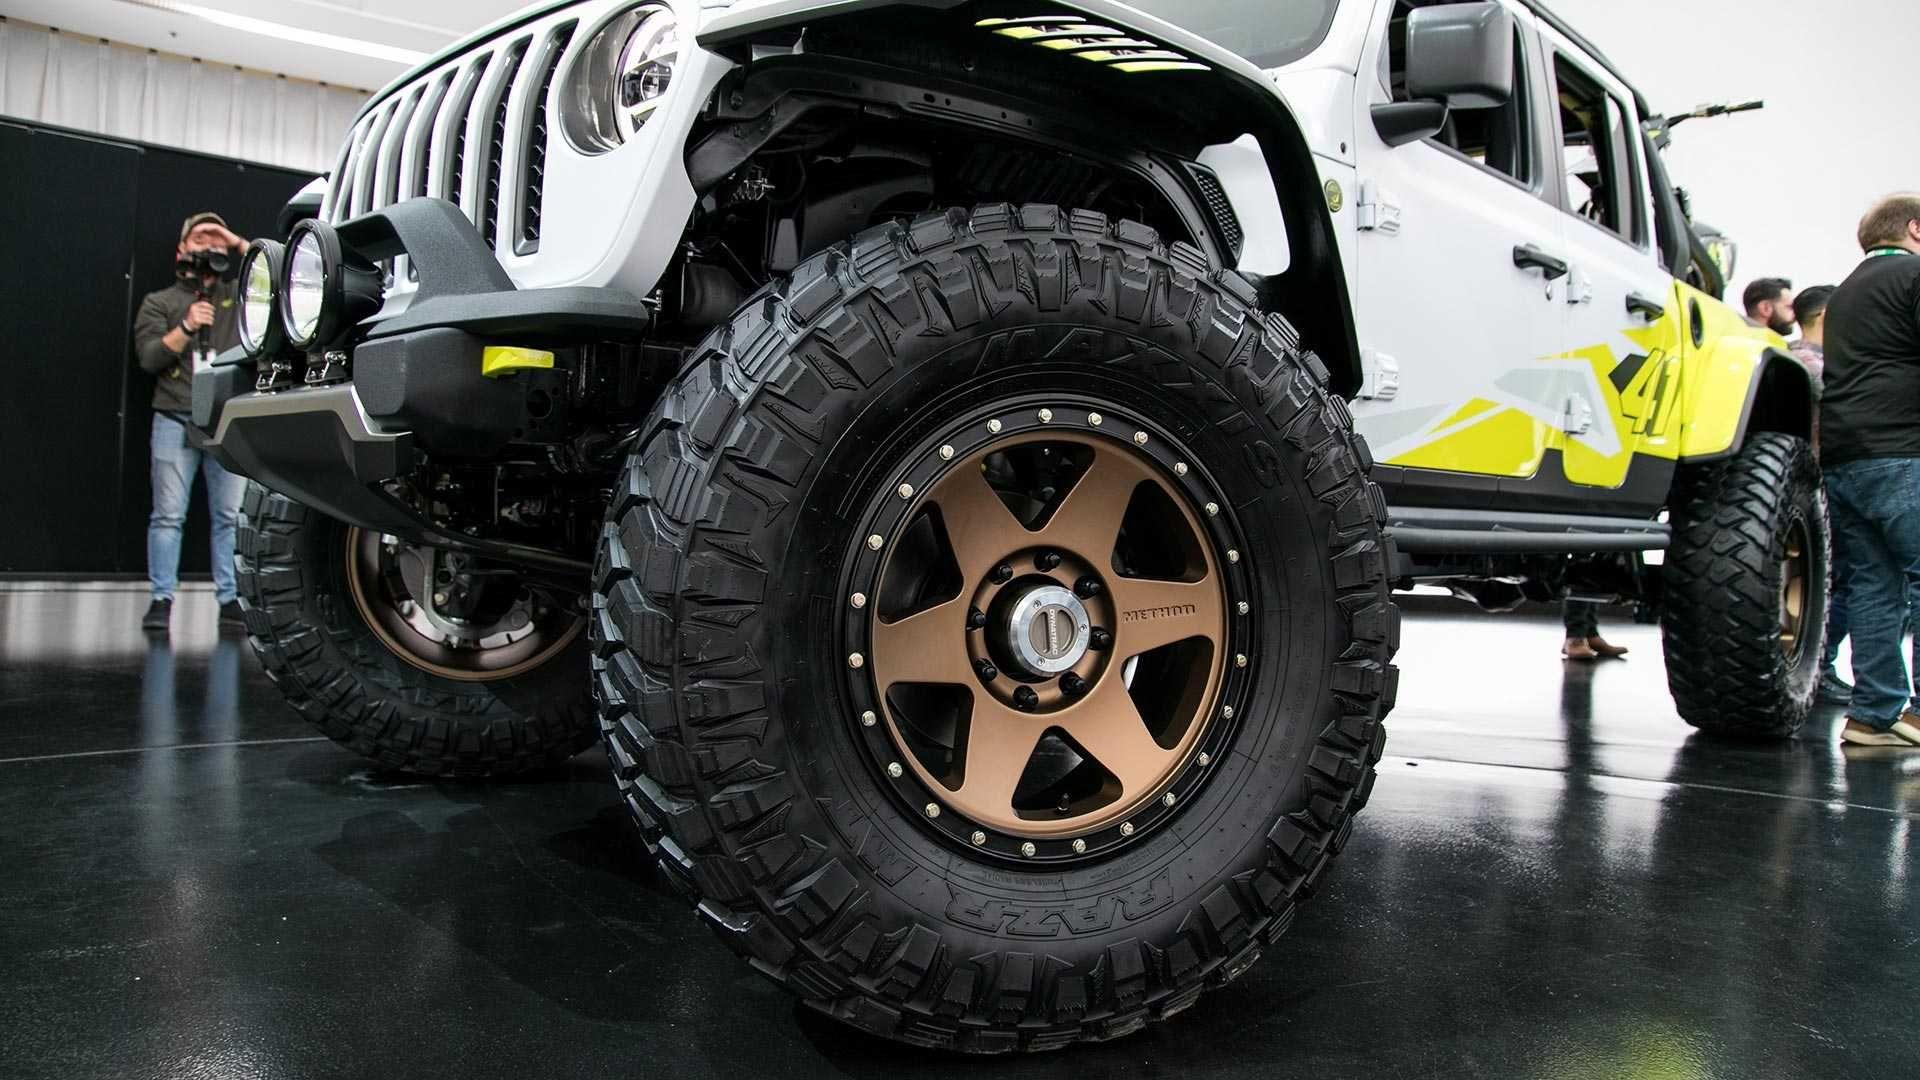 Jeep Gladiator Flatbill Is The Motocross Fan S Pickup Truck Jeep Gladiator Pickup Trucks Trucks